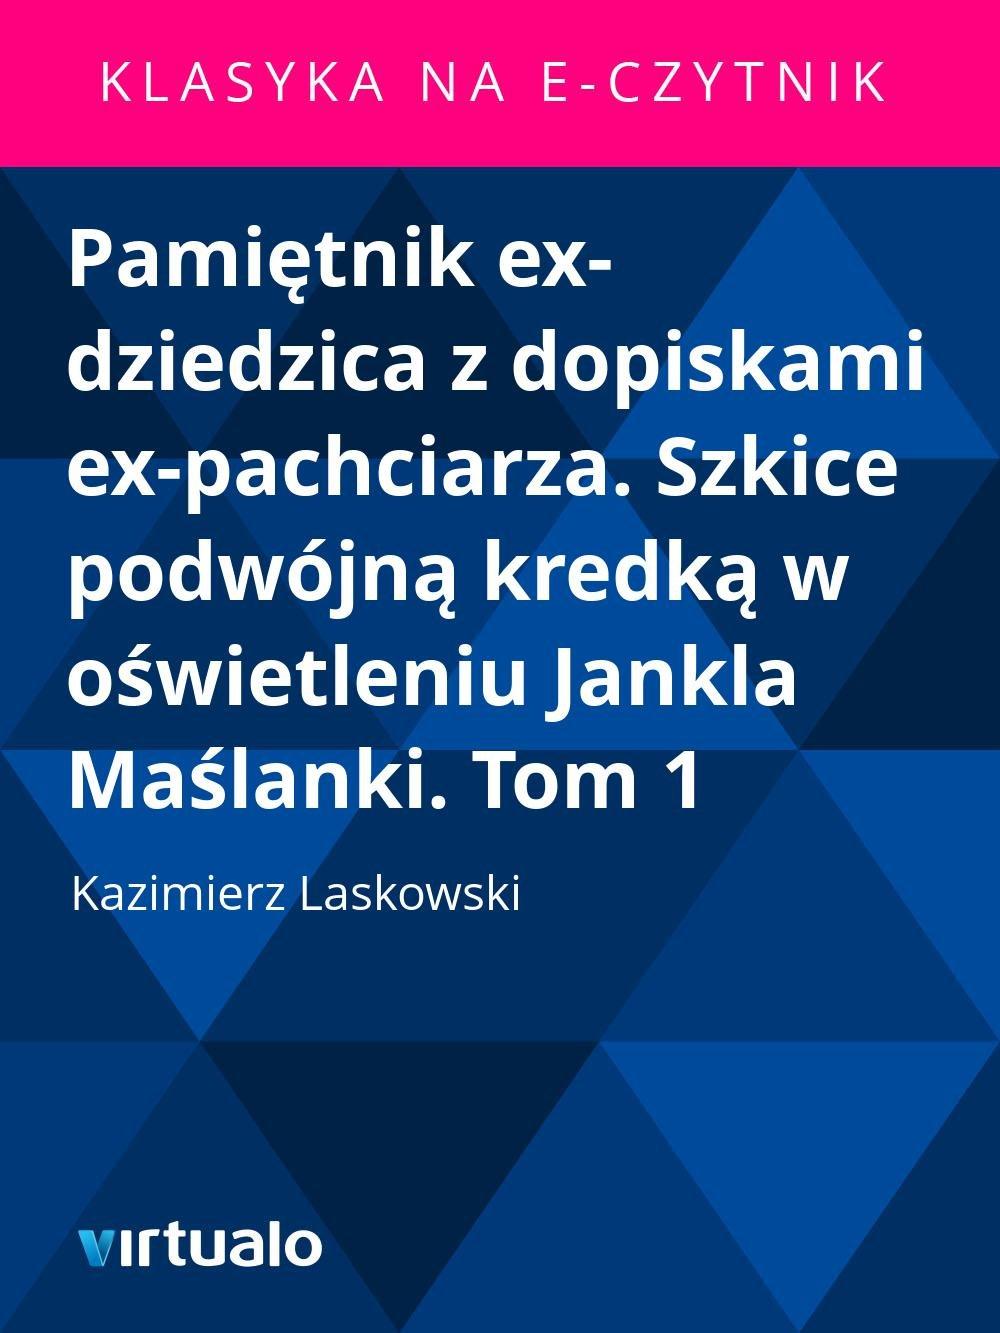 Pamiętnik ex-dziedzica z dopiskami ex-pachciarza. Szkice podwójną kredką w oświetleniu Jankla Maślanki. Tom 1 - Ebook (Książka EPUB) do pobrania w formacie EPUB